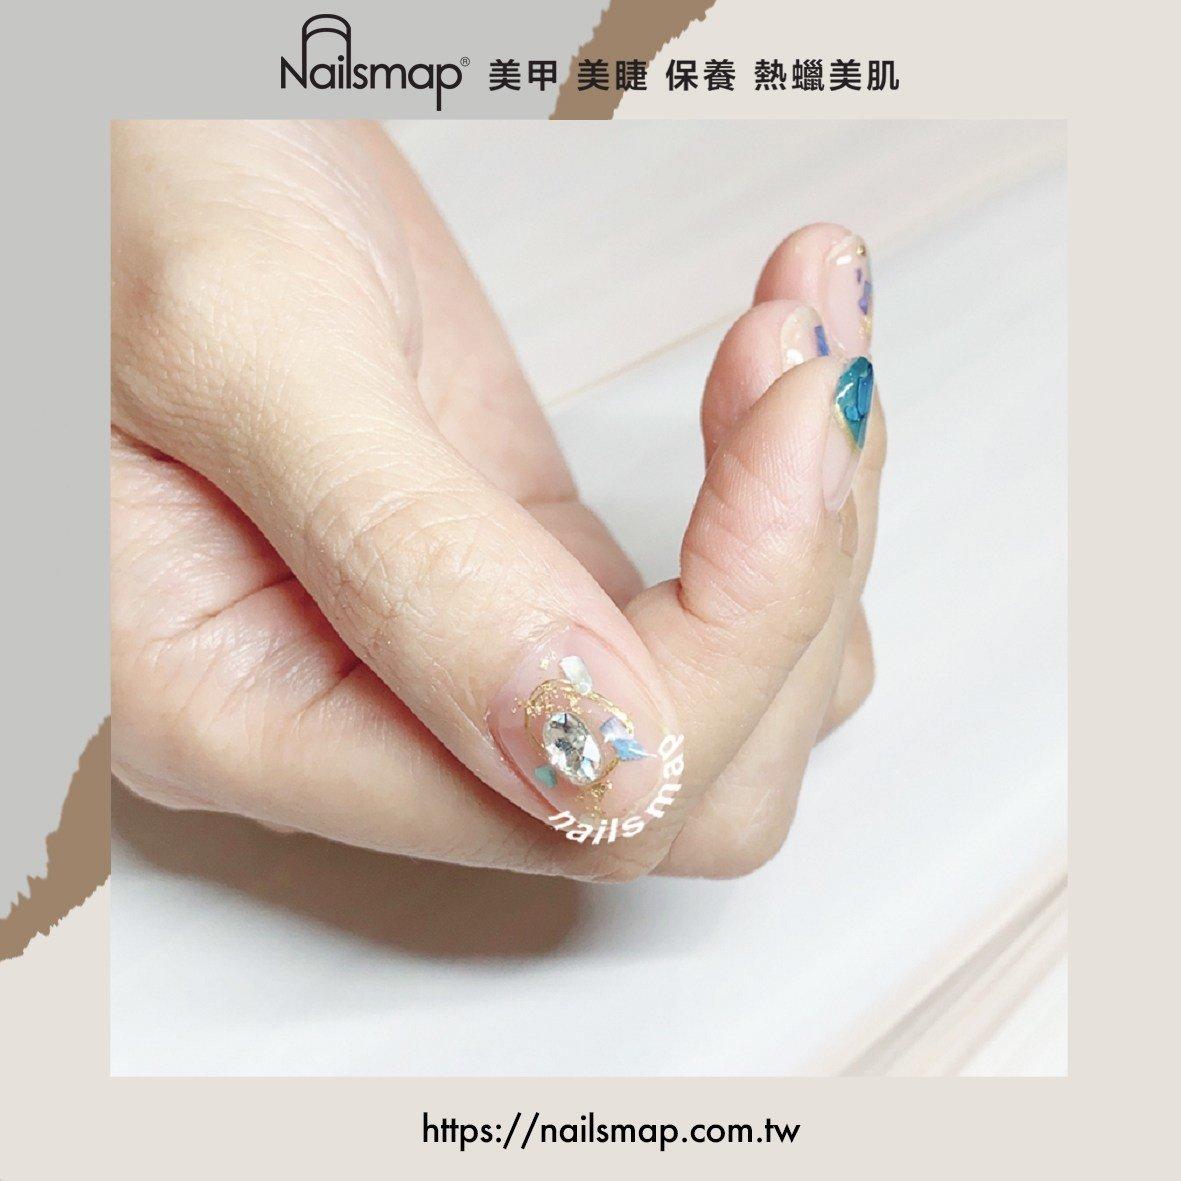 優雅仙氣的夢幻貝殼片美甲,光影折射下零死角的美